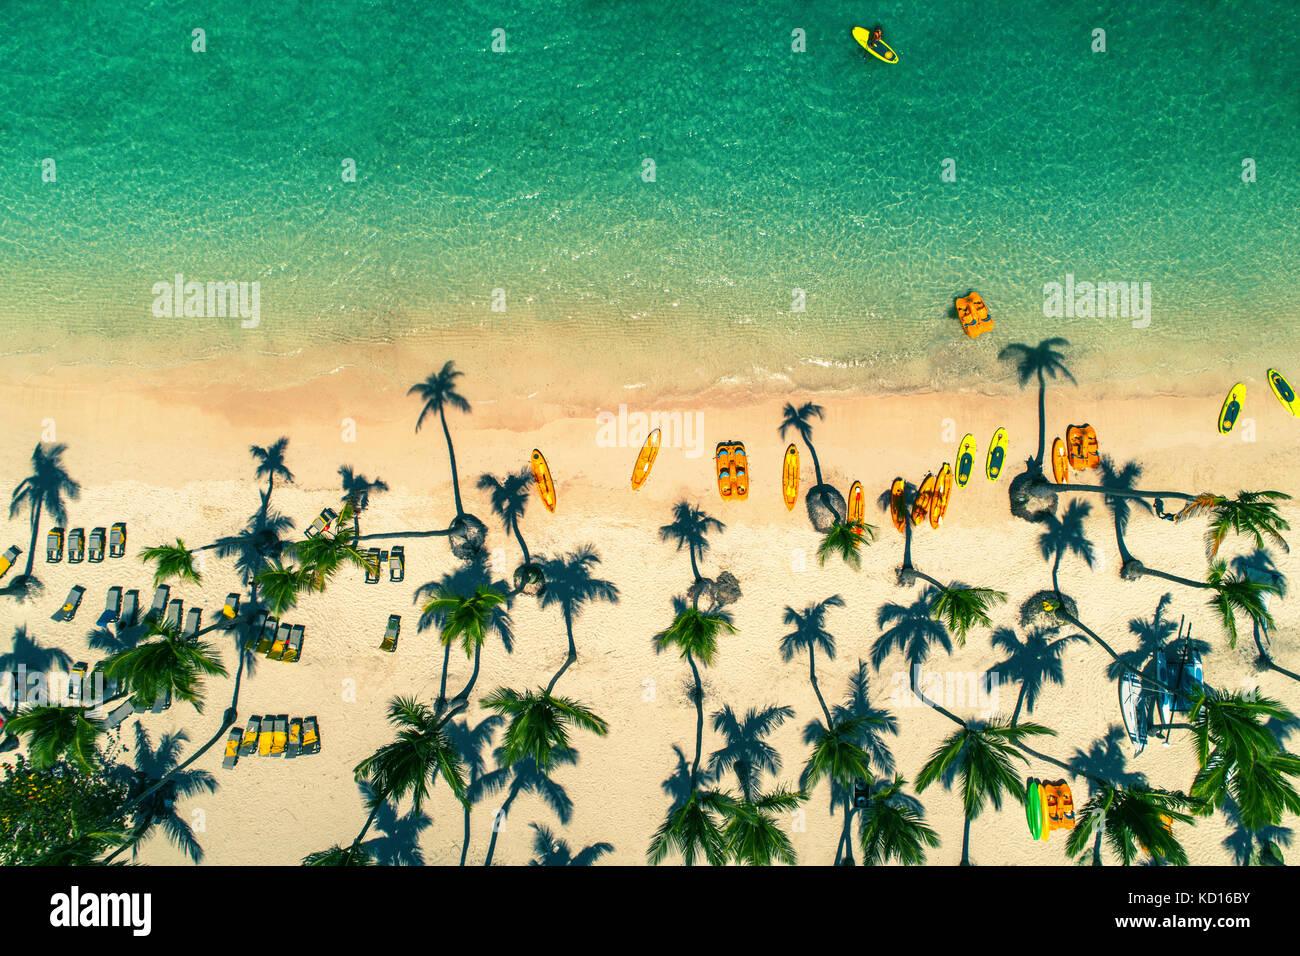 Vue aérienne de Caribbean resort, Punta Cana, République dominicaine Photo Stock